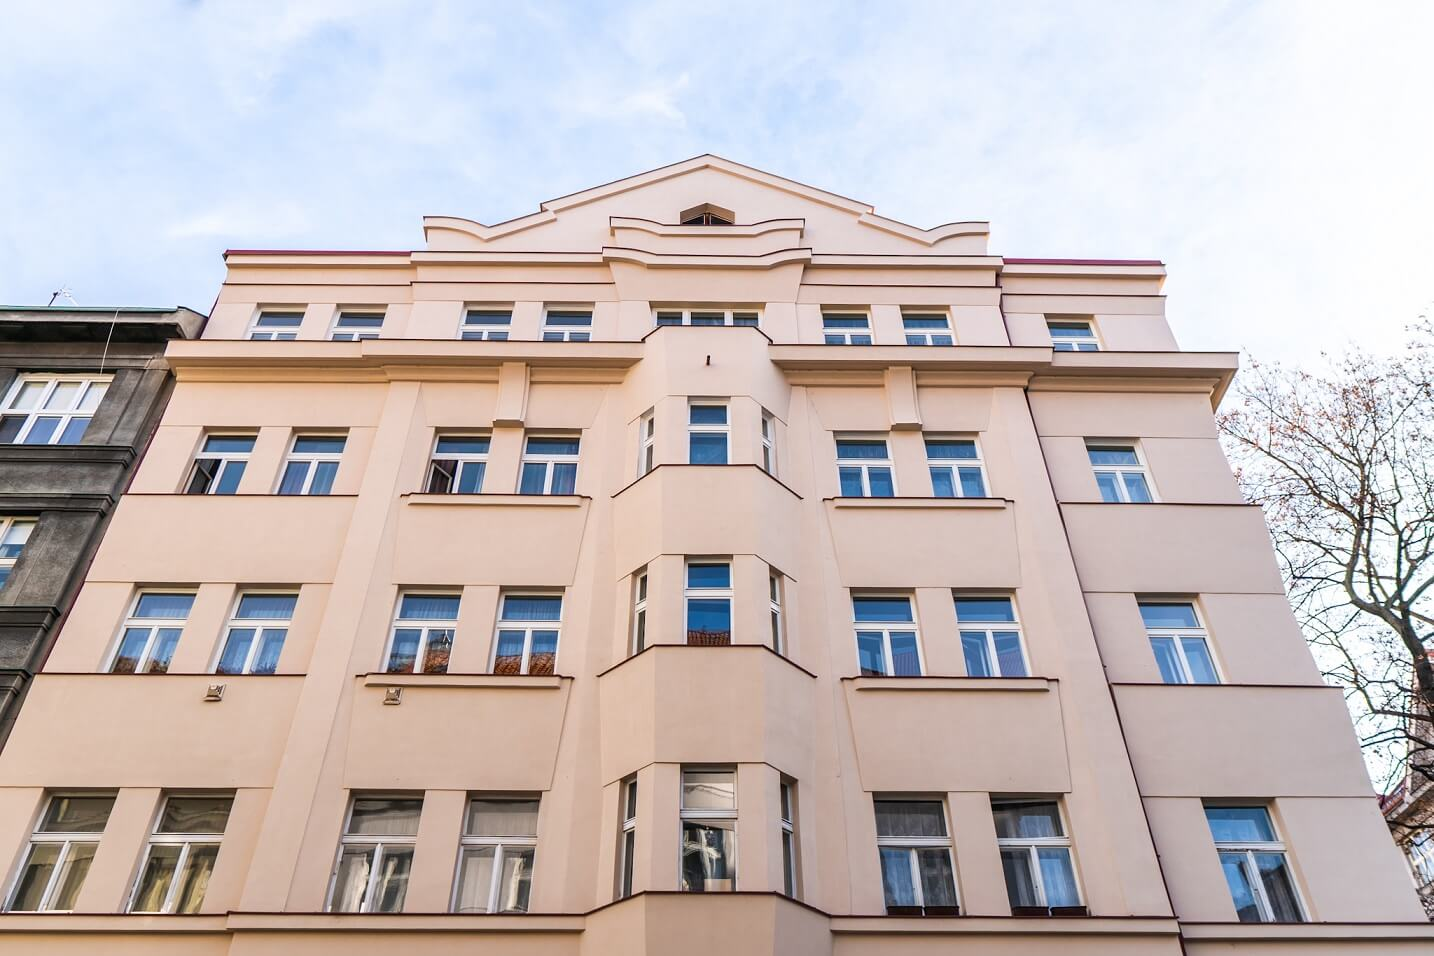 Špaletová a dřevěná okna v BD – Praha 6, Národní obrany